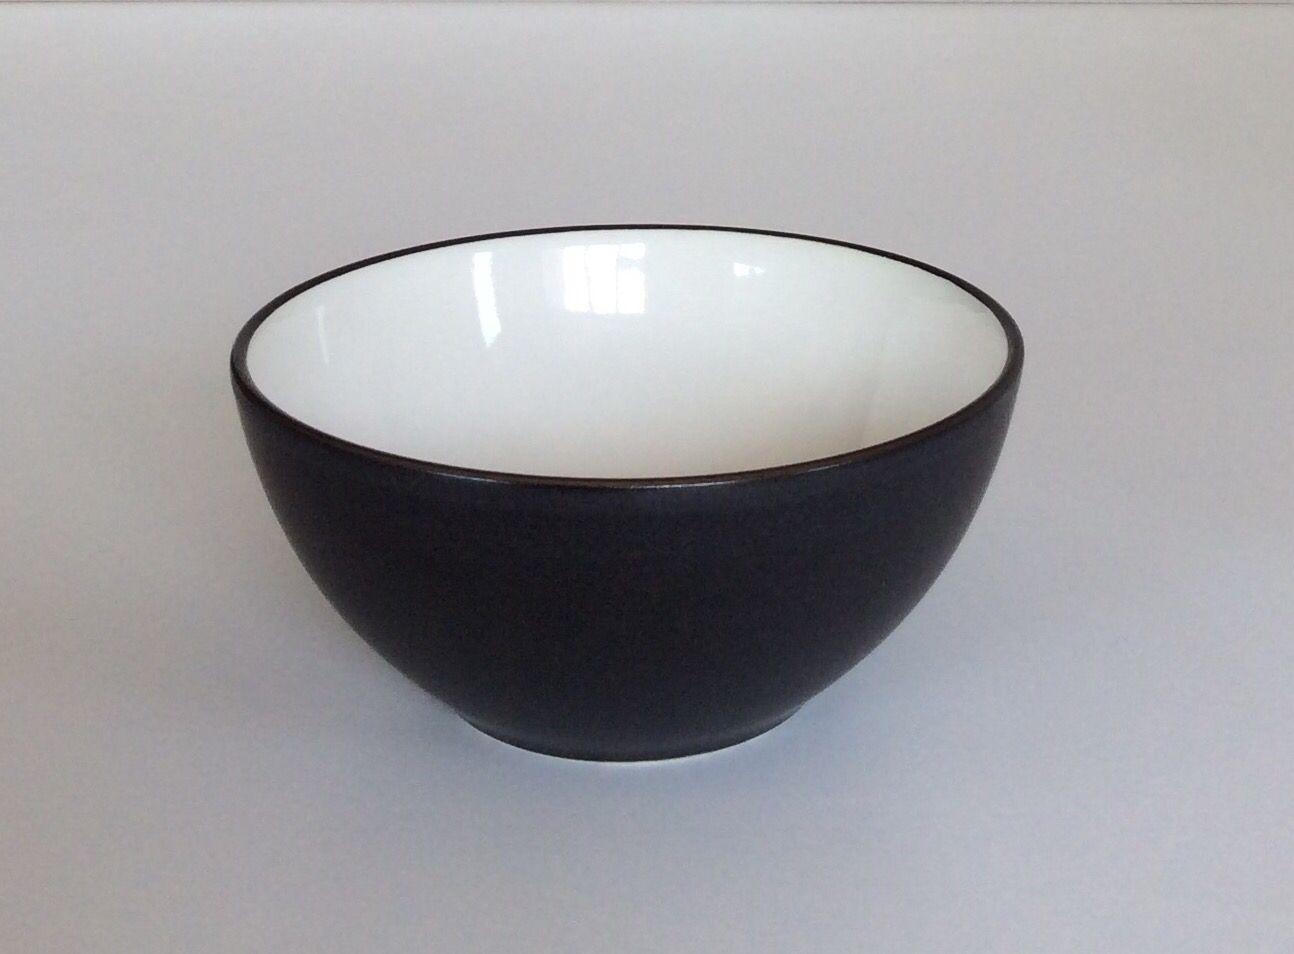 Ciotola in ceramica nera con interno bianco. H.cm7,5xdiametro15.